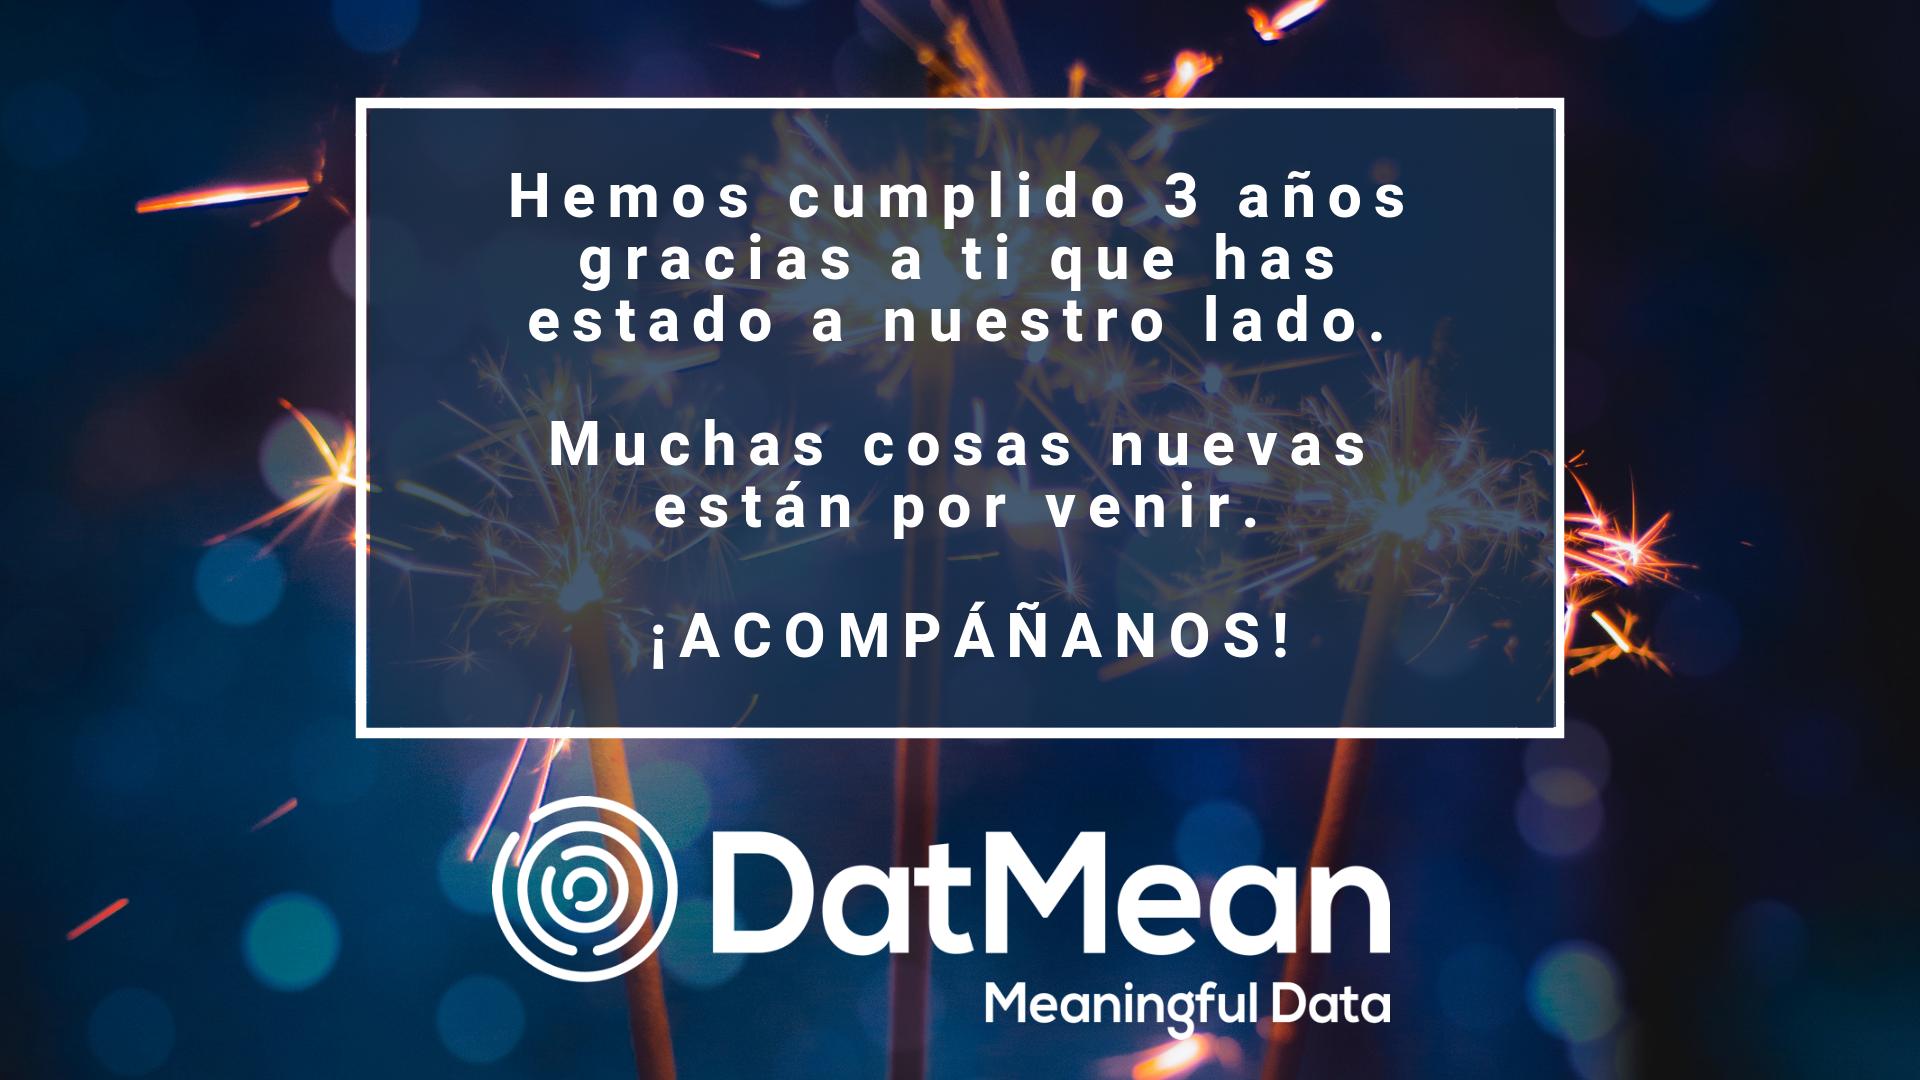 DatMean cumple 3 años!